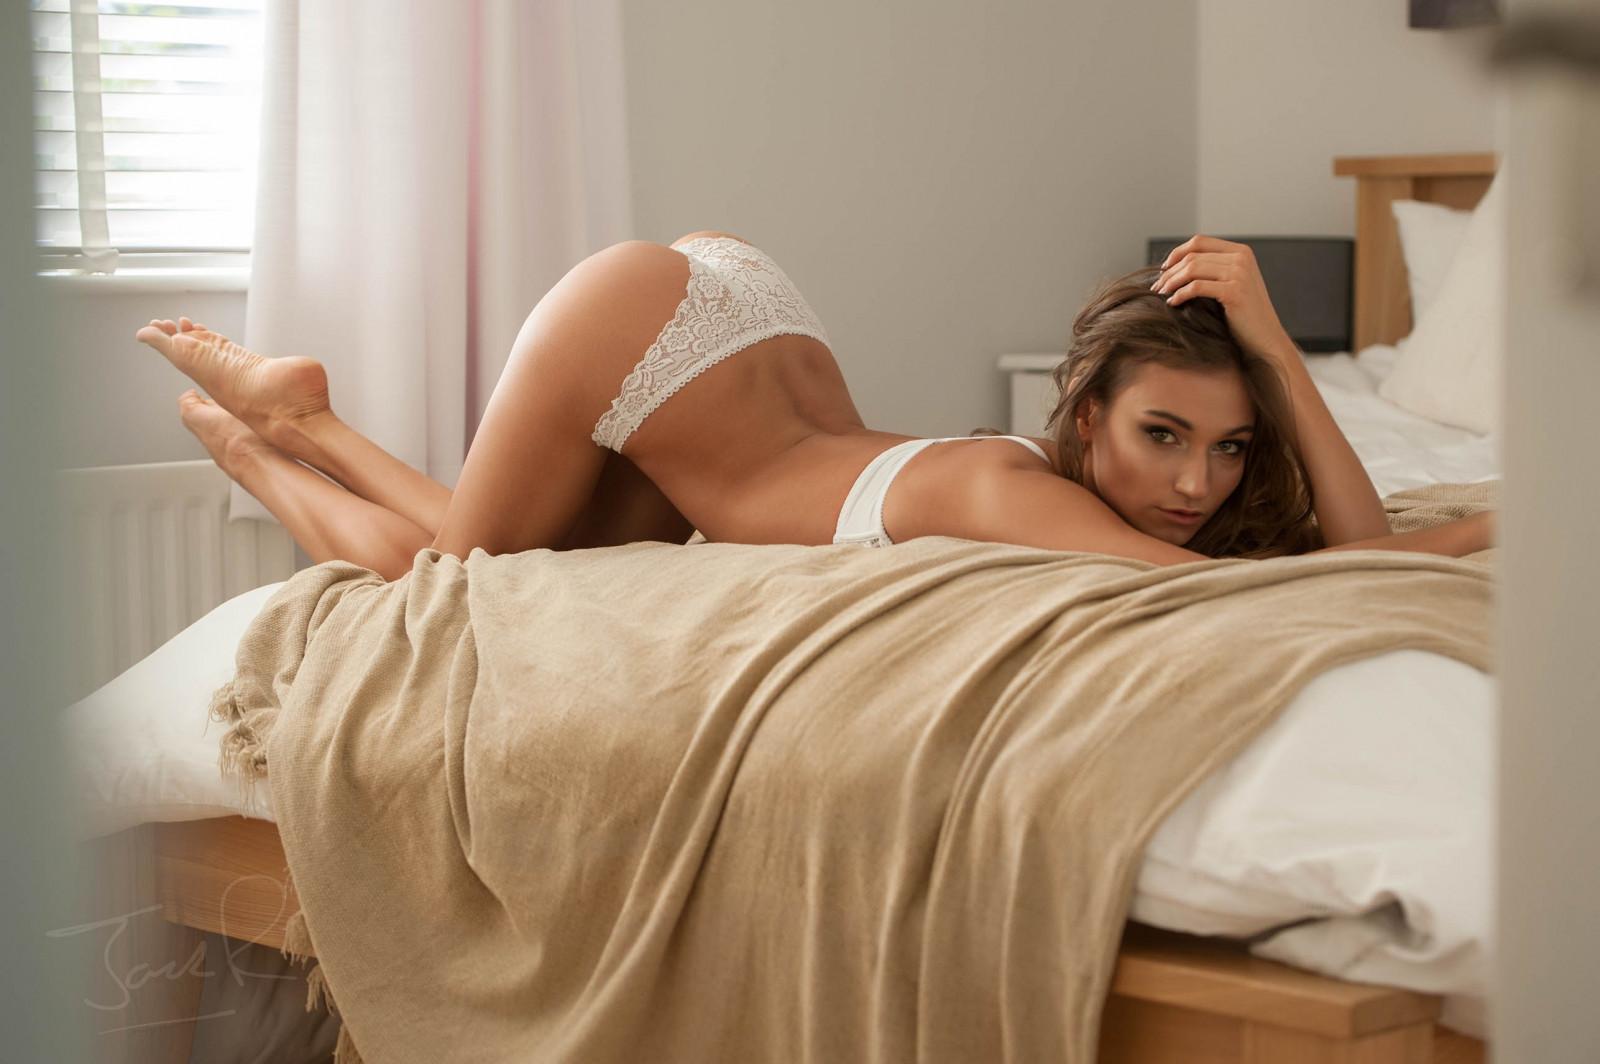 Красотки на кровати видео голые 12